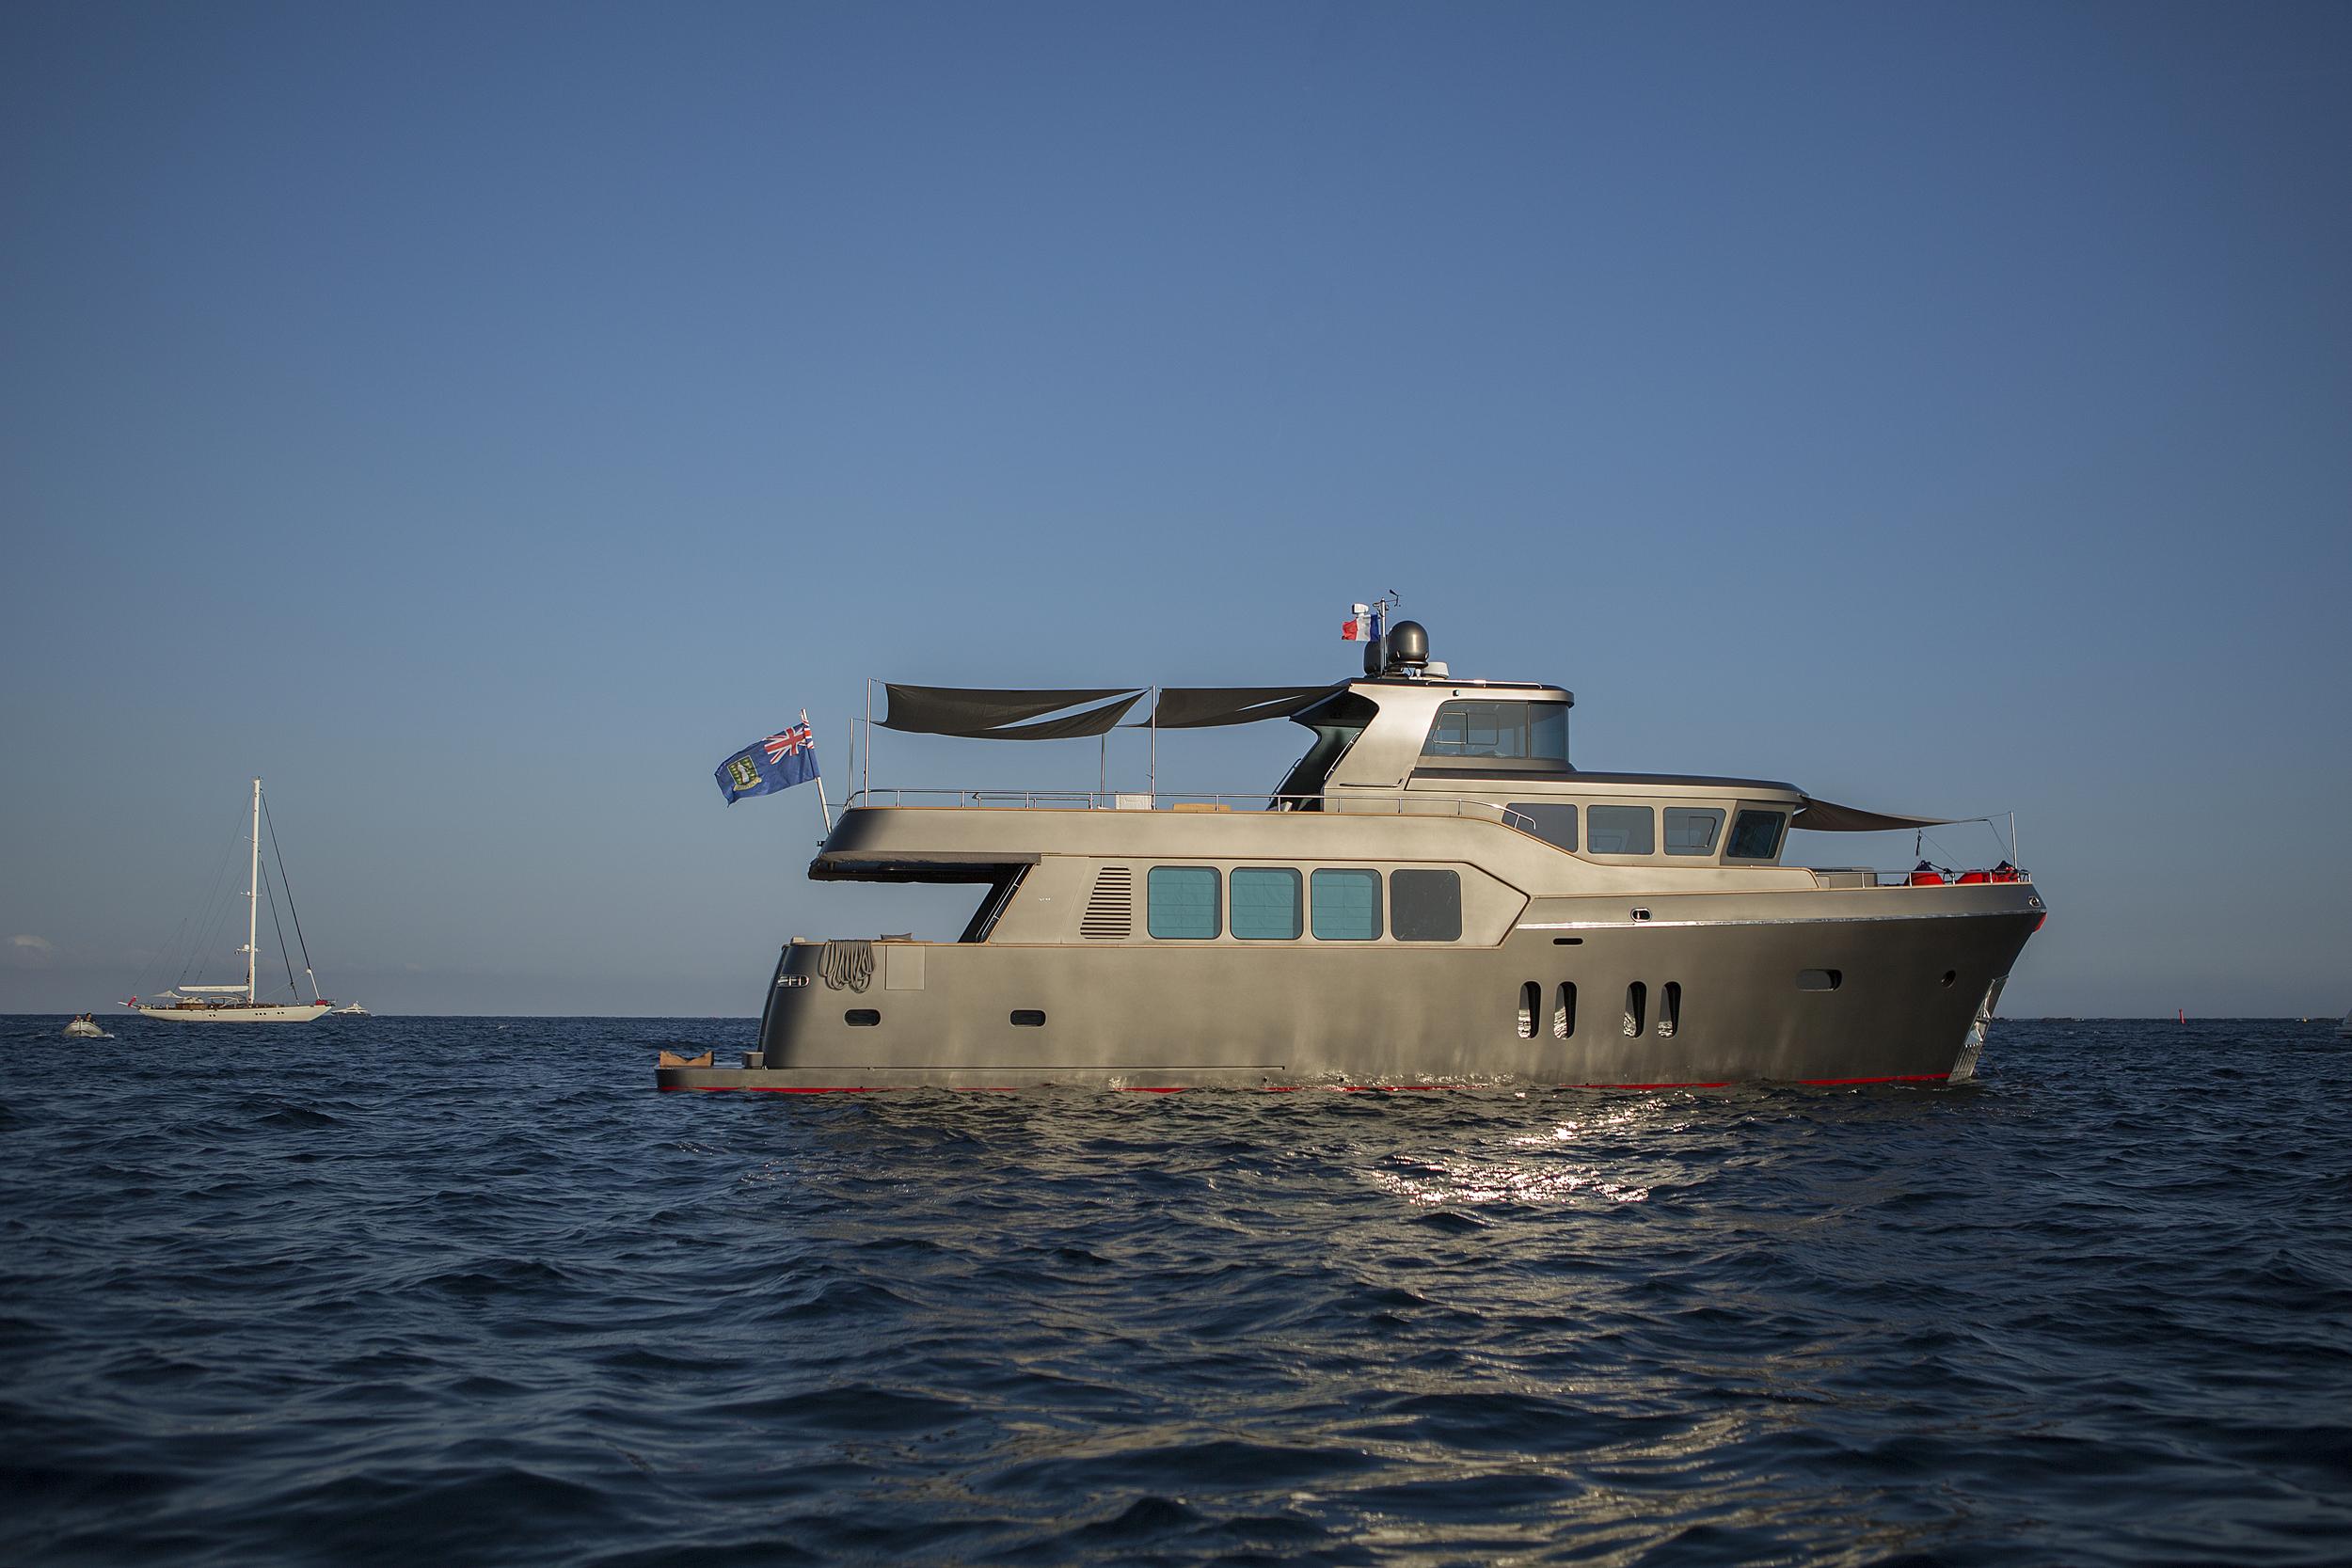 greystone-yacht-side.jpg